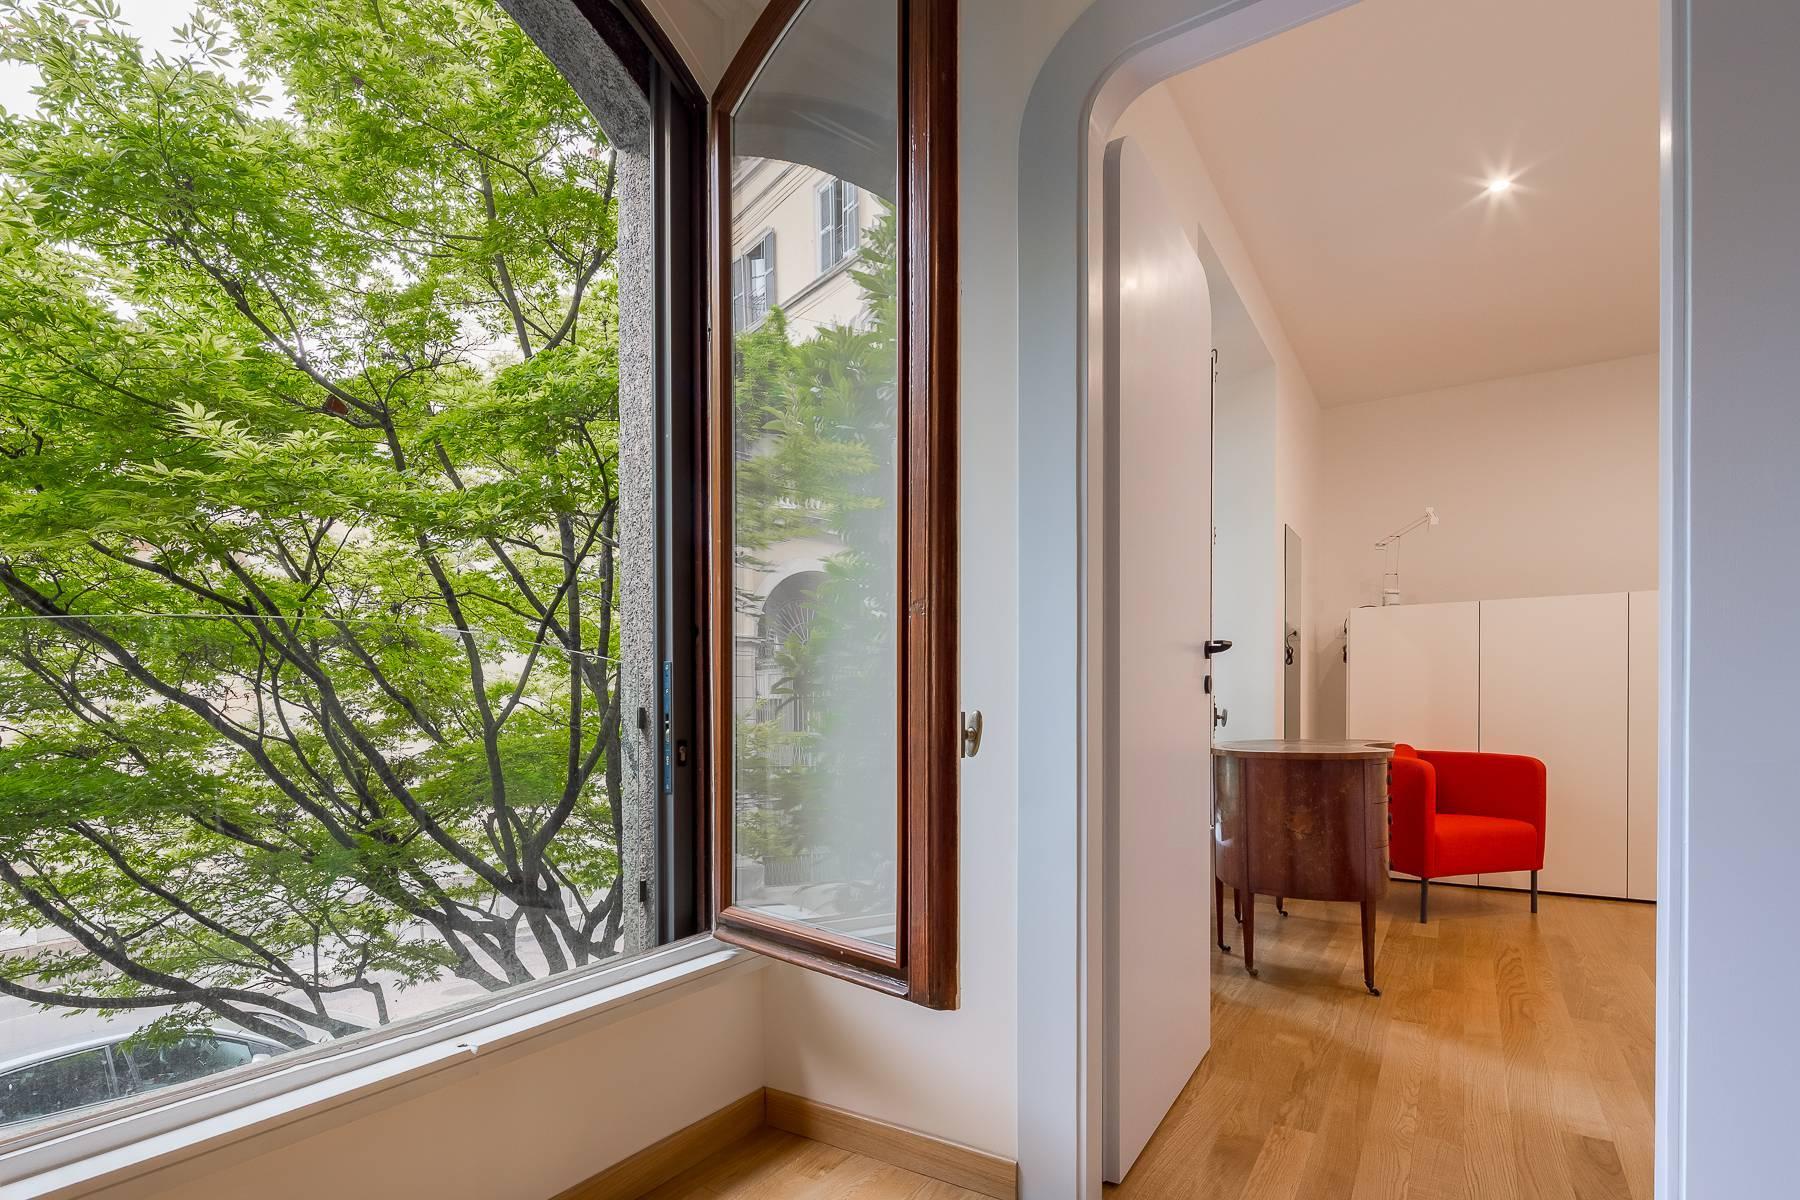 Renovierte Wohnung im eleganten antiken Gebäude - 9